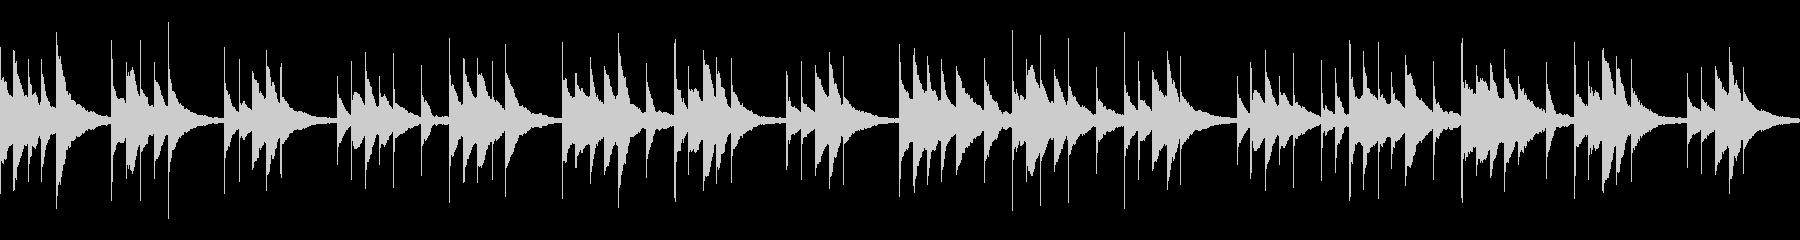 切ないシーンに/オルゴール/ループの未再生の波形